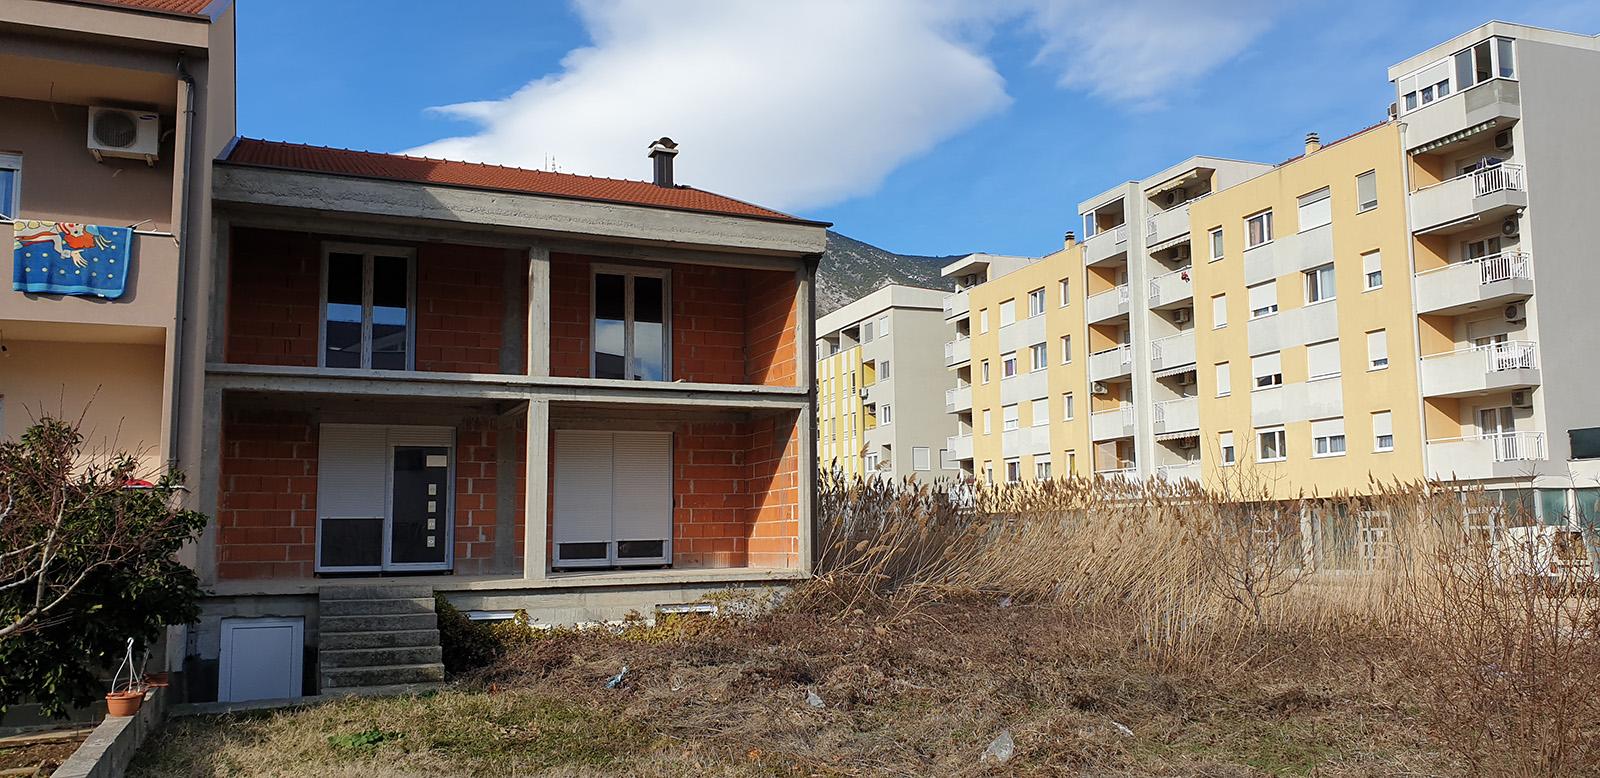 Prodaje se nedovršena kuća u Vukovarskoj Ulici